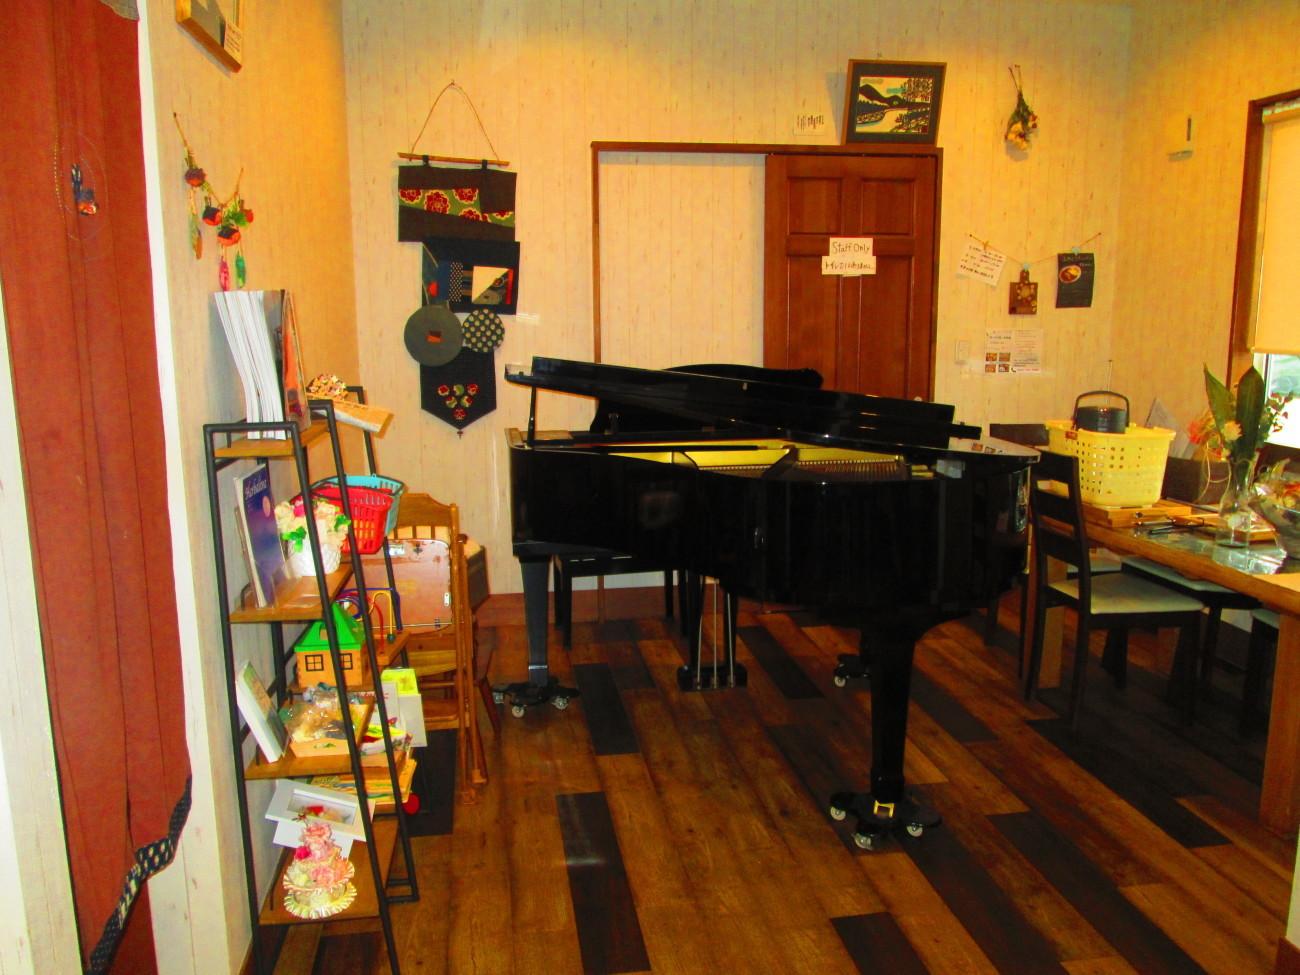 昨日、寒河江市にあるレストラン「あんだんて」で、コンサートすることが決まりました_d0159273_14144003.jpg